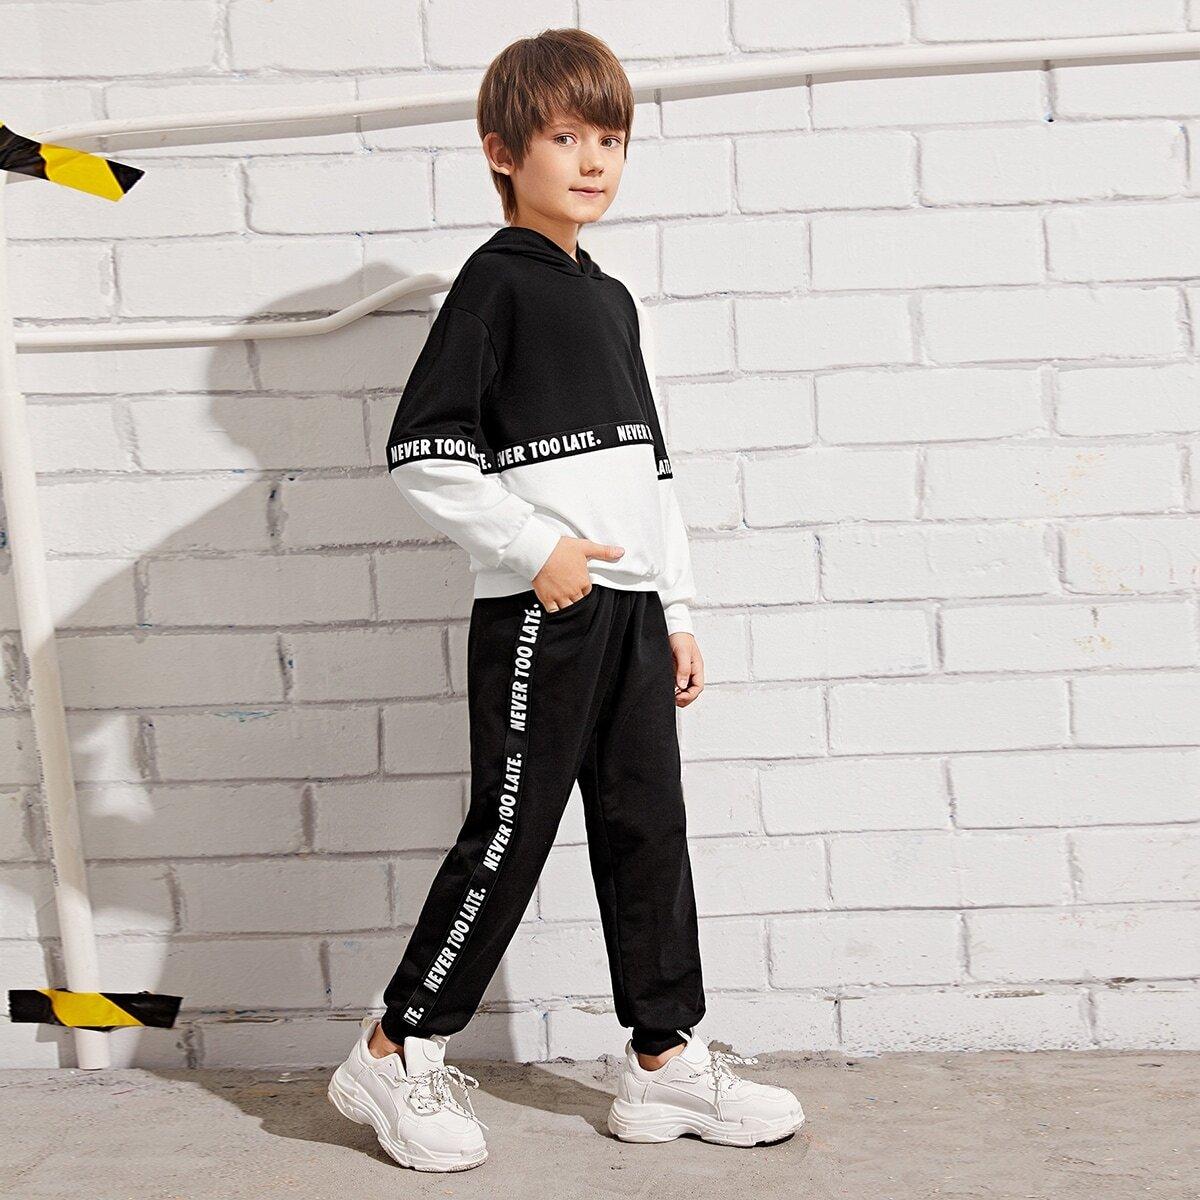 Двухцветная толстовка и спортивные брюки с текстовой лентой для мальчиков